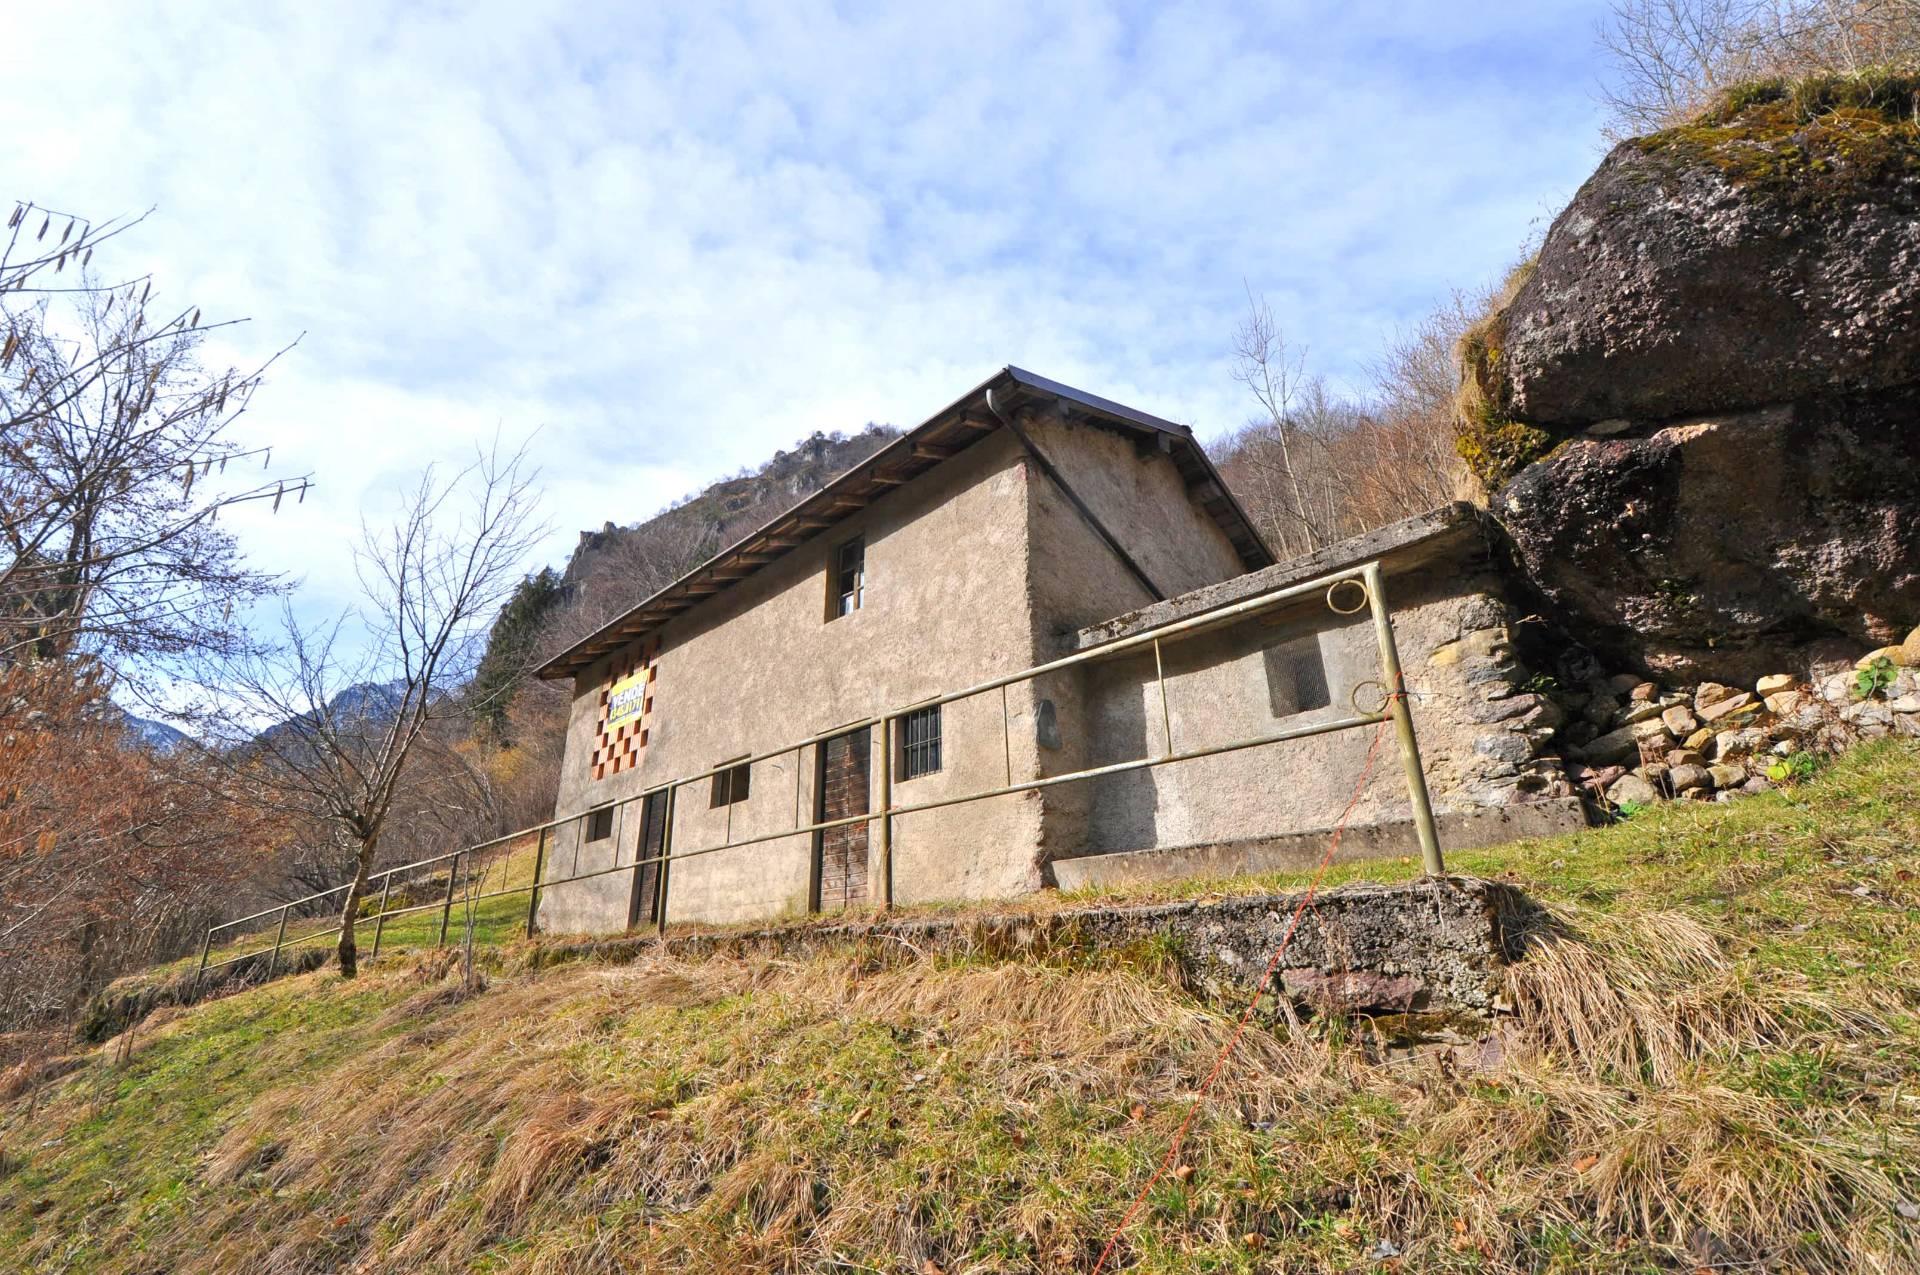 Rustico / Casale in vendita a Ornica, 3 locali, prezzo € 18.000 | Cambio Casa.it